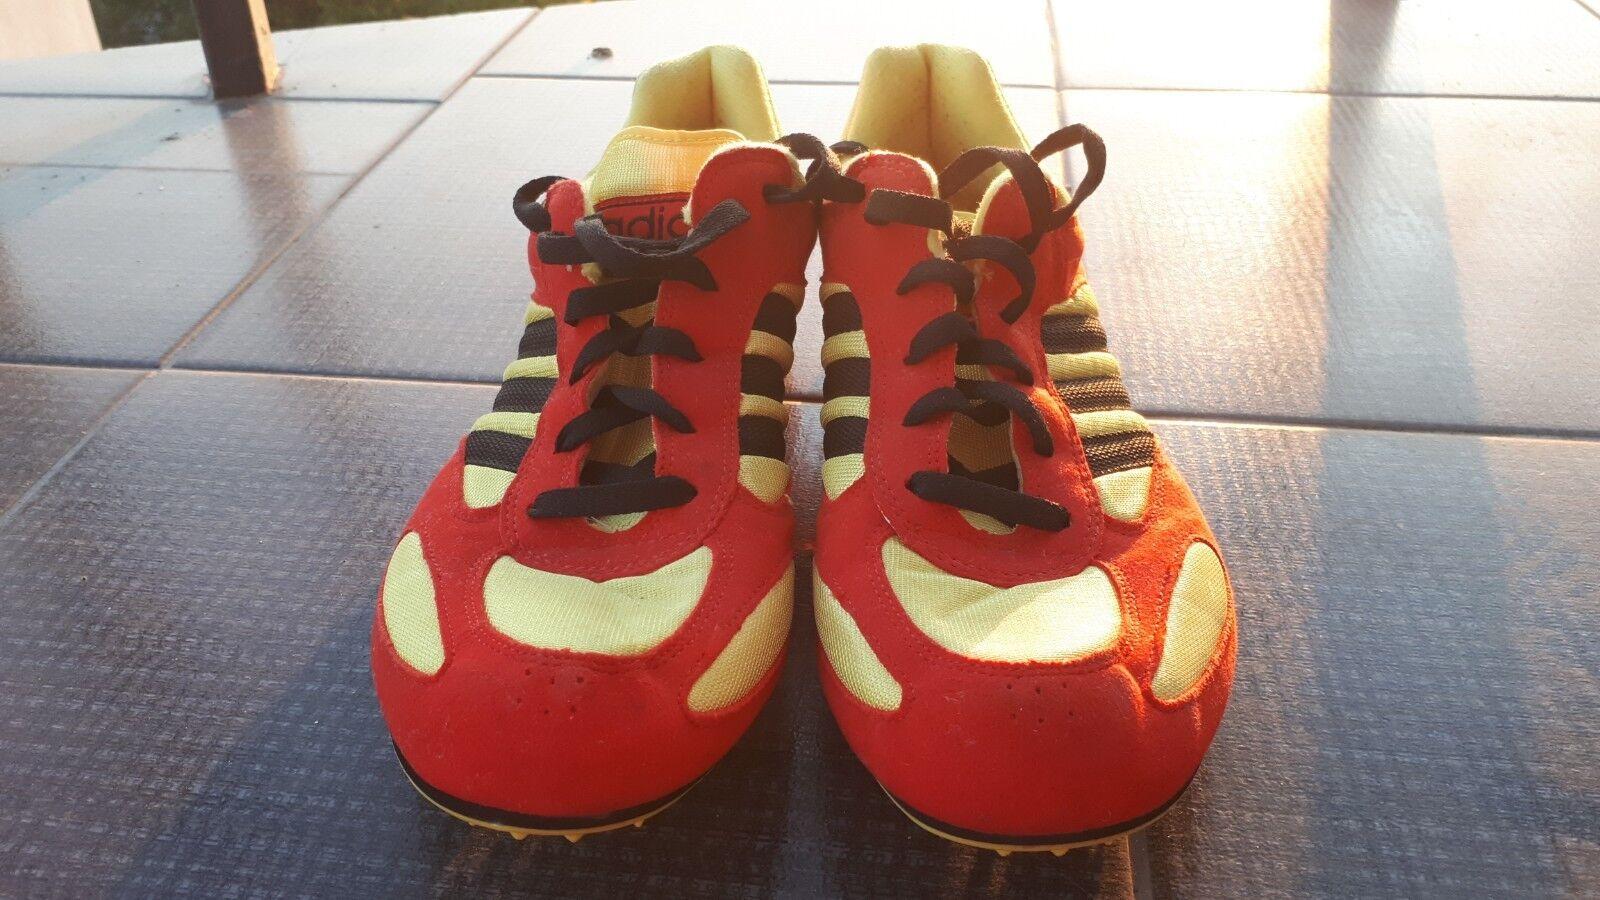 Rara ROJO AMARILLO 1990s de Colección Adidas Zapatos Para  Correr Picos Sprinter tamaño 11 1 \ 2  descuento de ventas